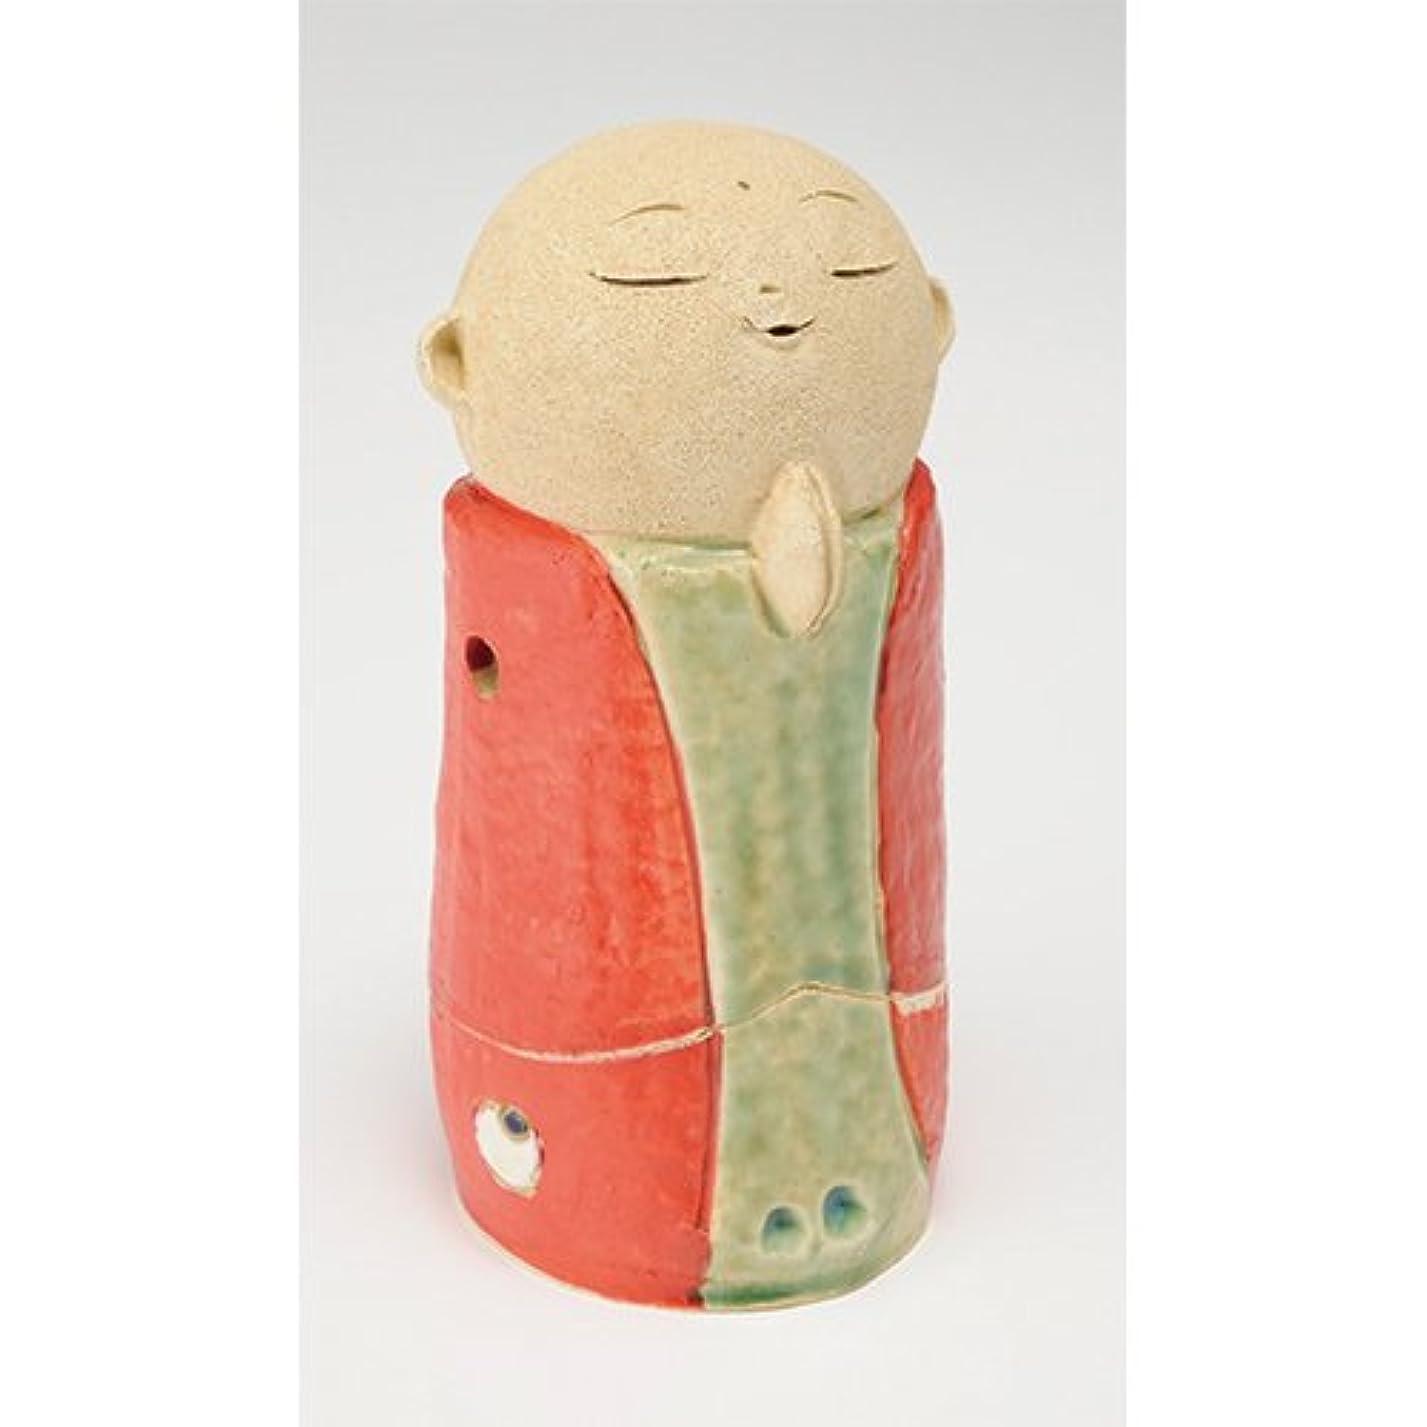 苛性忠実情熱的お地蔵様 香炉シリーズ 赤 お地蔵様 香炉 5.3寸(大) [H16cm] HANDMADE プレゼント ギフト 和食器 かわいい インテリア